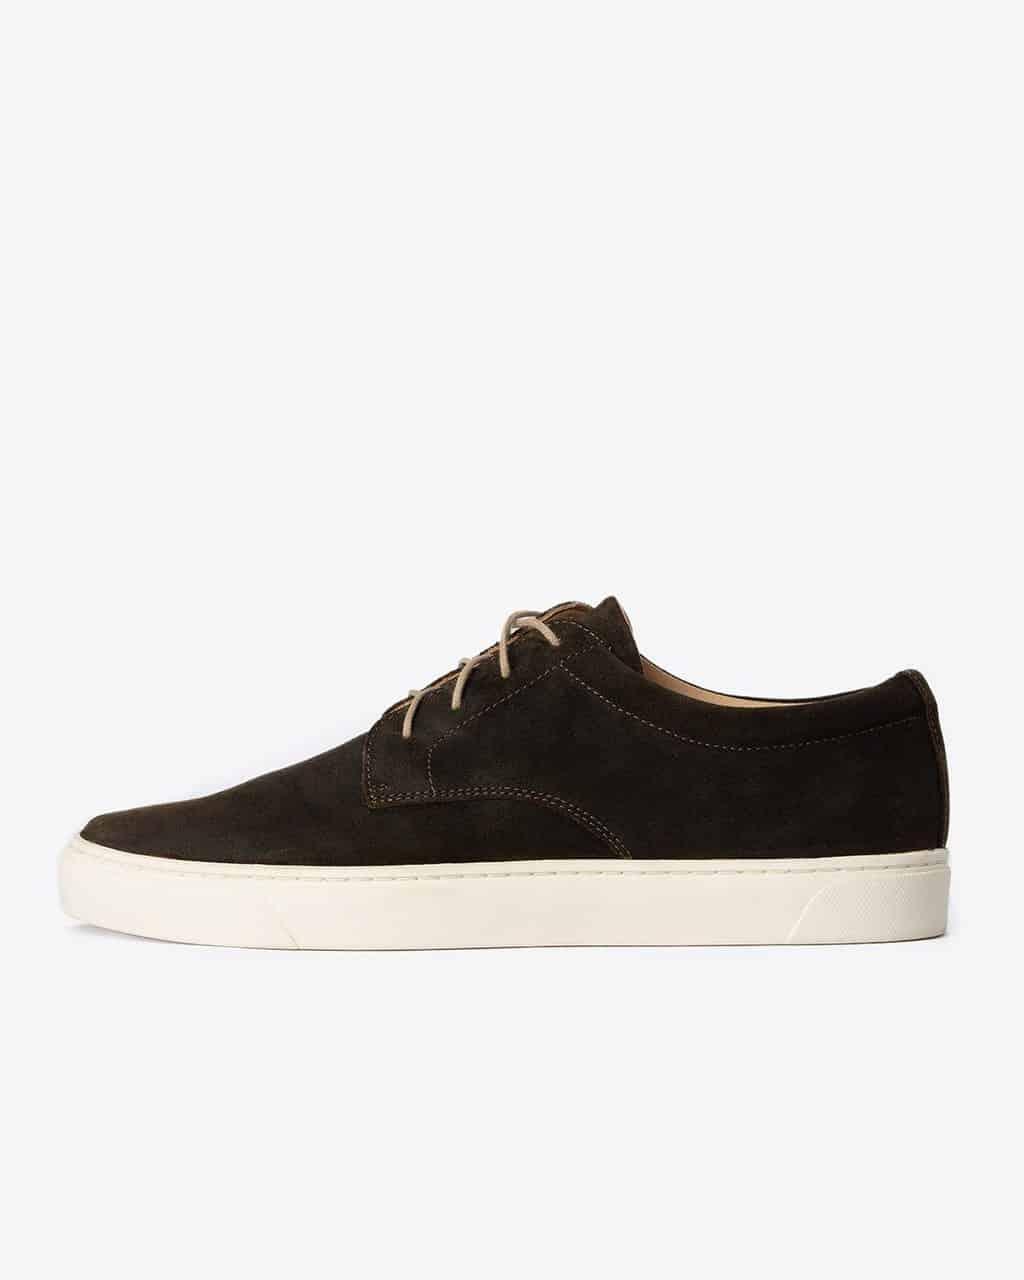 Diego Low Top Sneaker Dark Olive